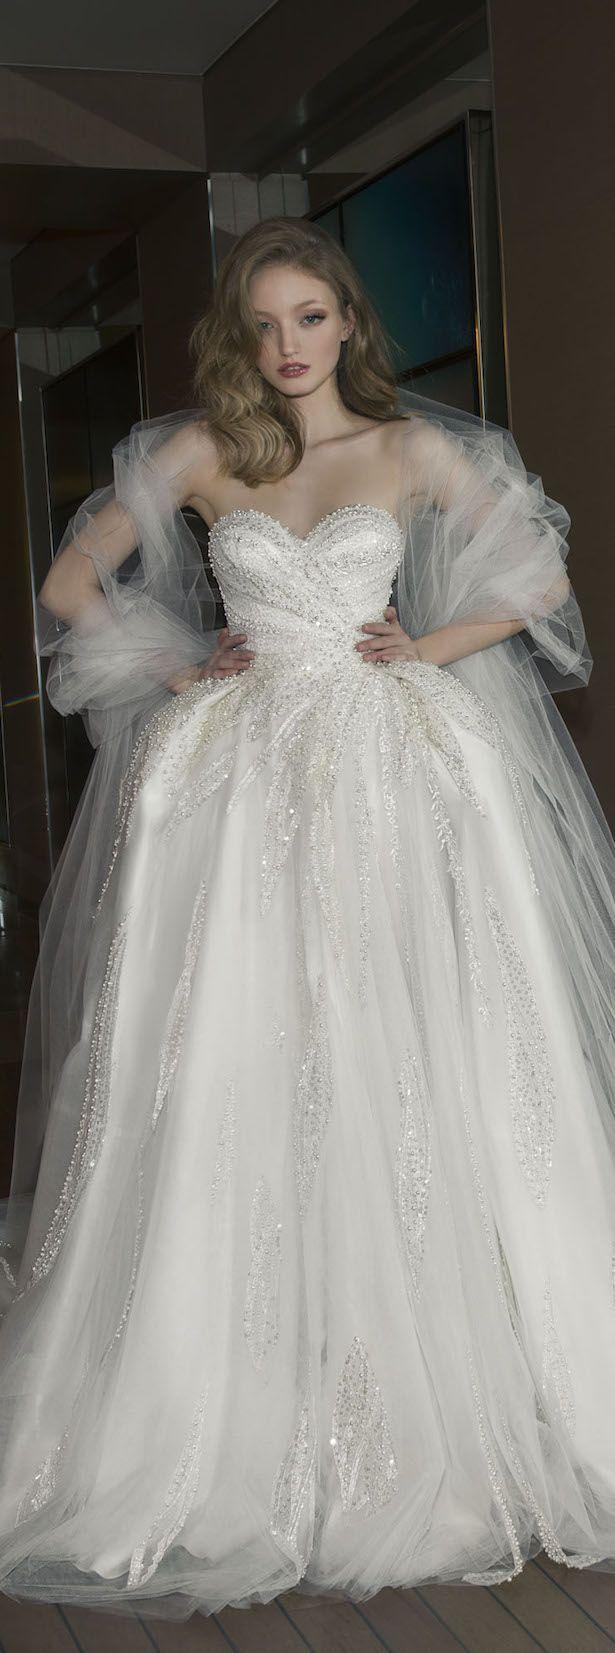 31 besten Victoranische Brautmode Bilder auf Pinterest ...